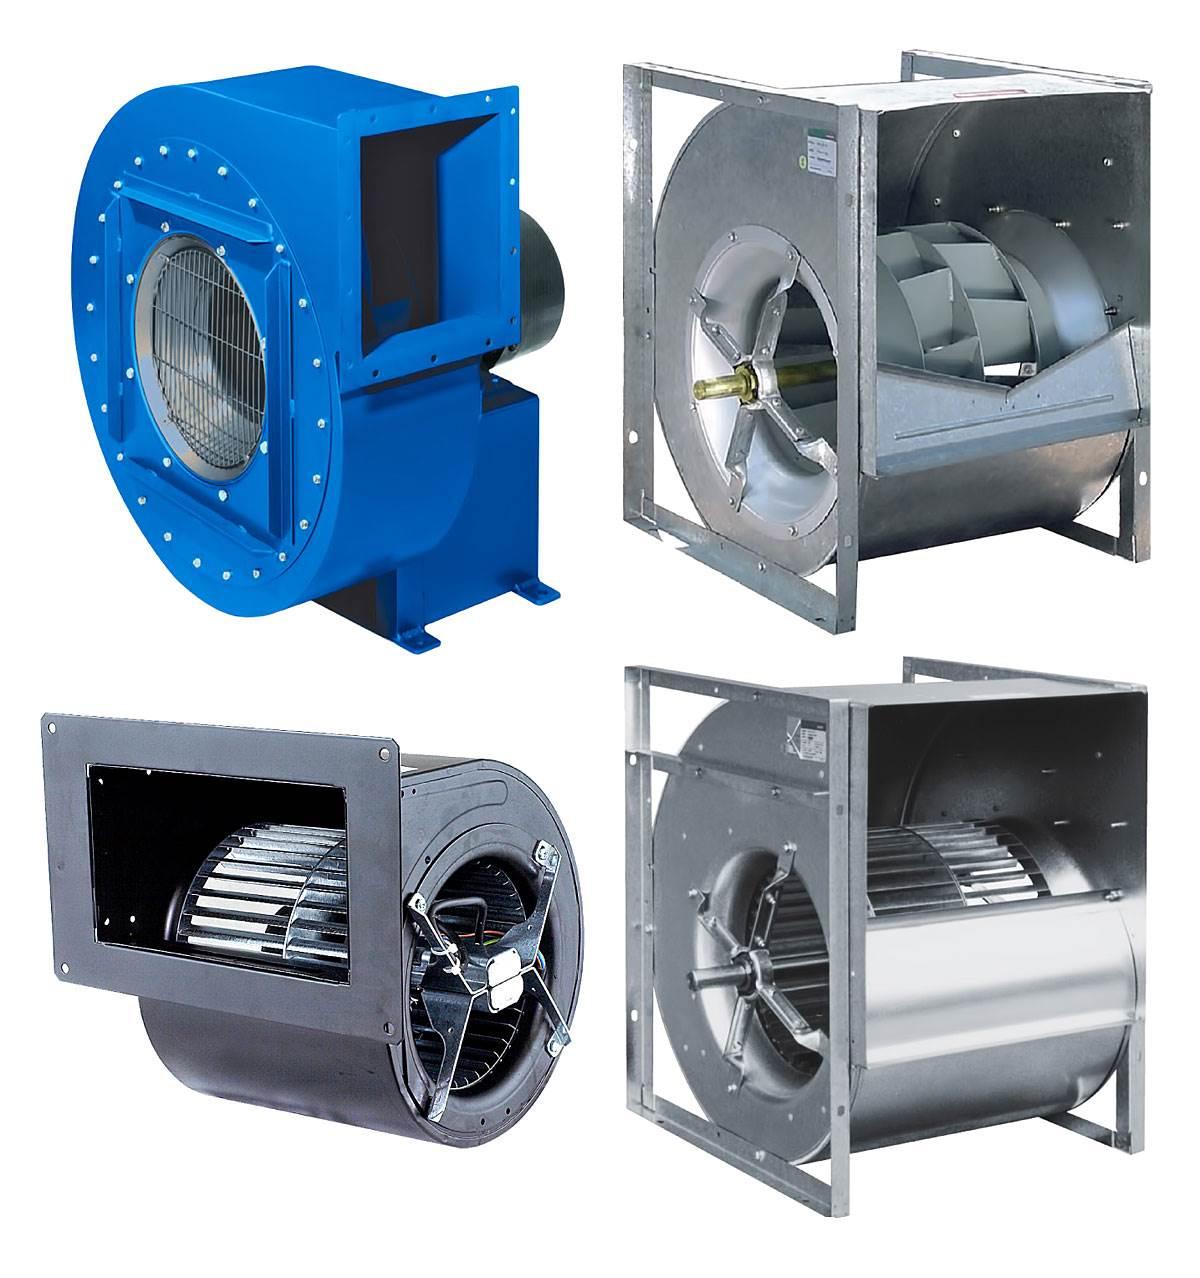 Fot. 3 Wentylatory promieniowe bardzo często uwzględnia się jako elementy systemów transportu pneumatycznego i nadmuchu w kotłach. Fot. Venture